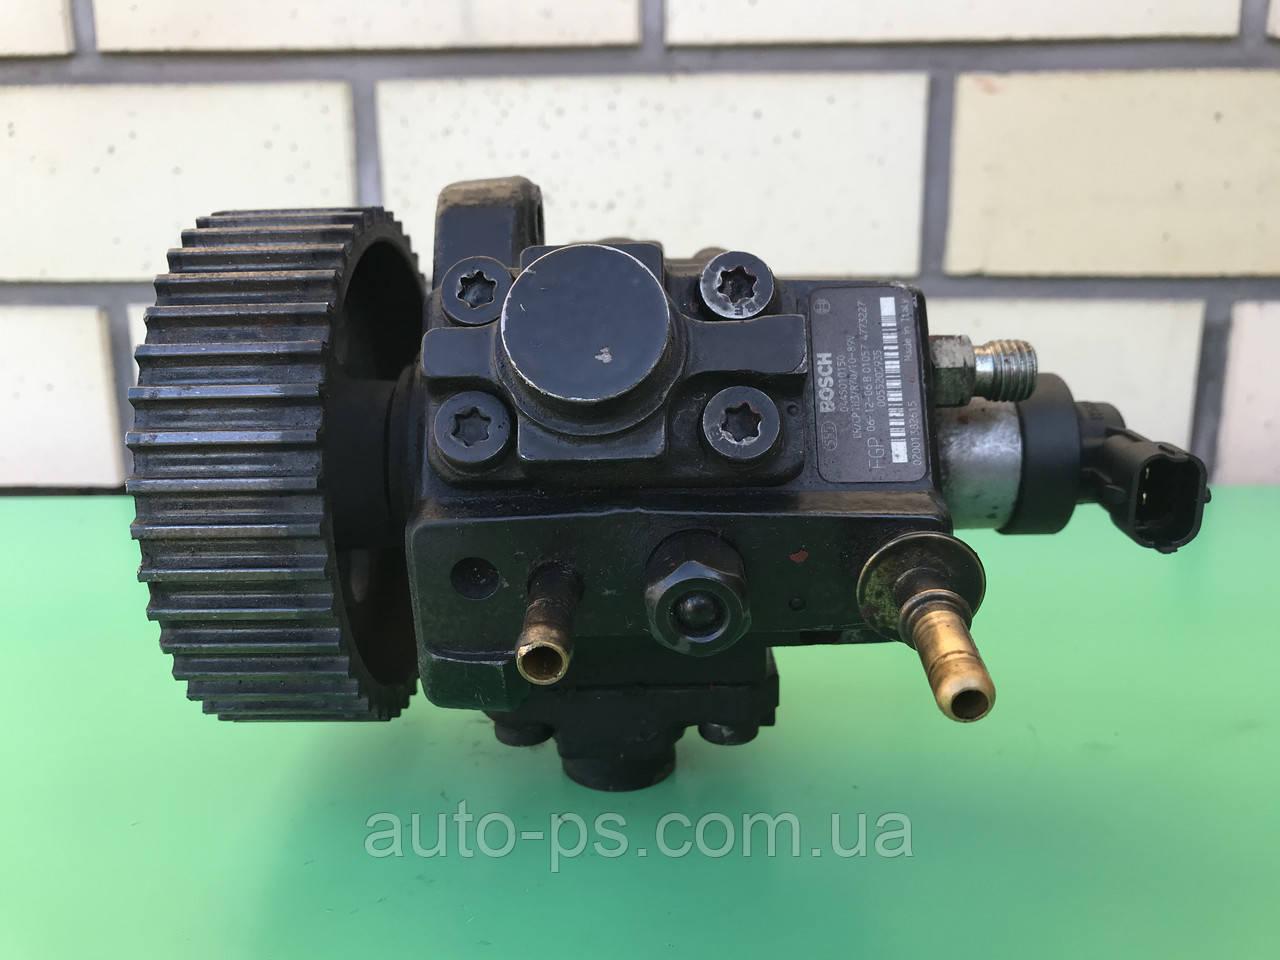 Топливный насос высокого давления (ТНВД) Fiat Doblo 1.3D Multijet